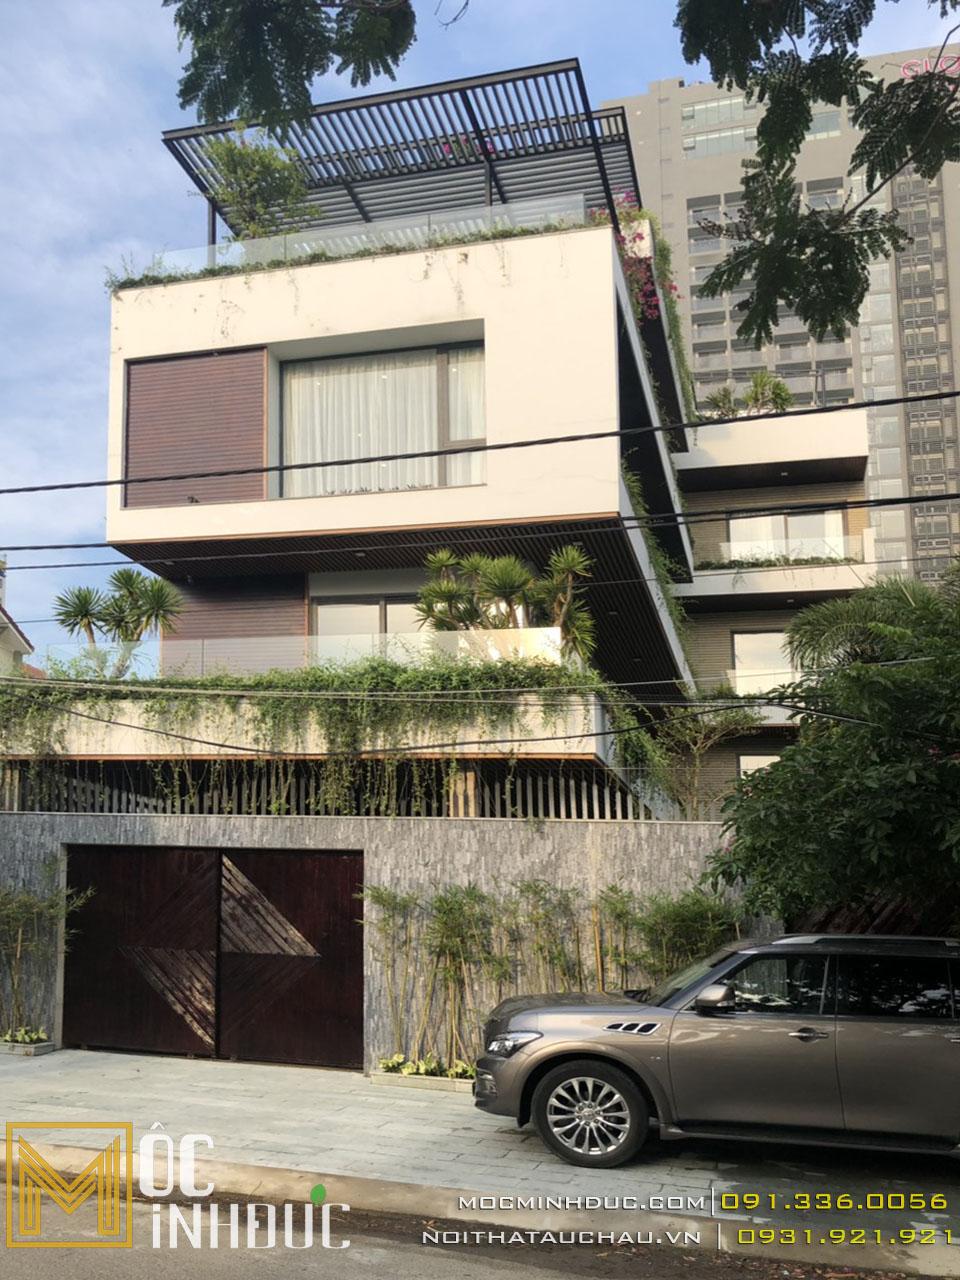 Mặt tiền biệt thự nhà phố đà nẵng